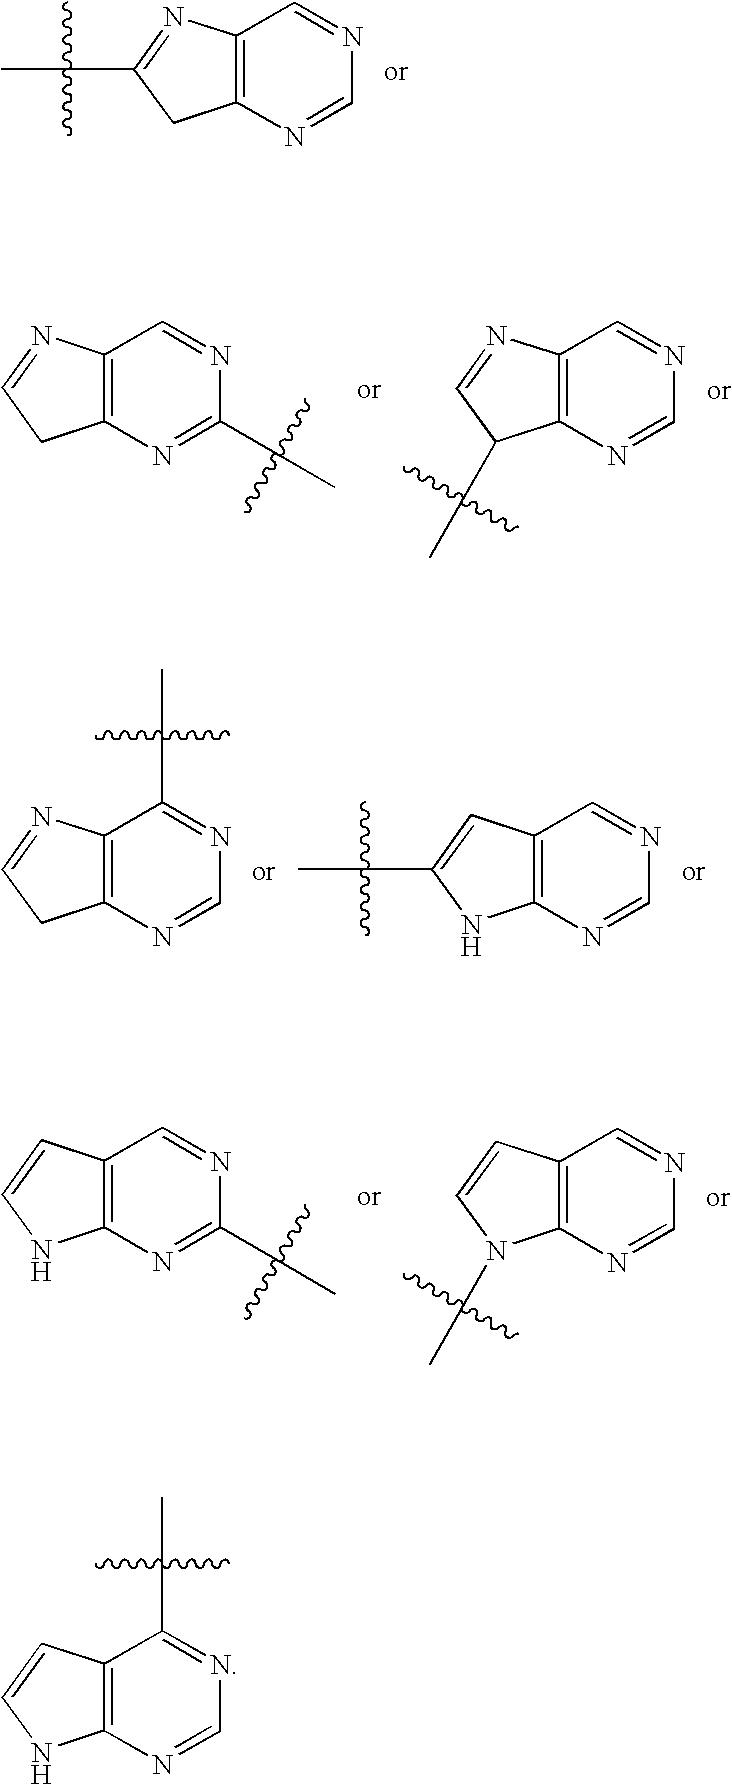 Figure US07935131-20110503-C00058